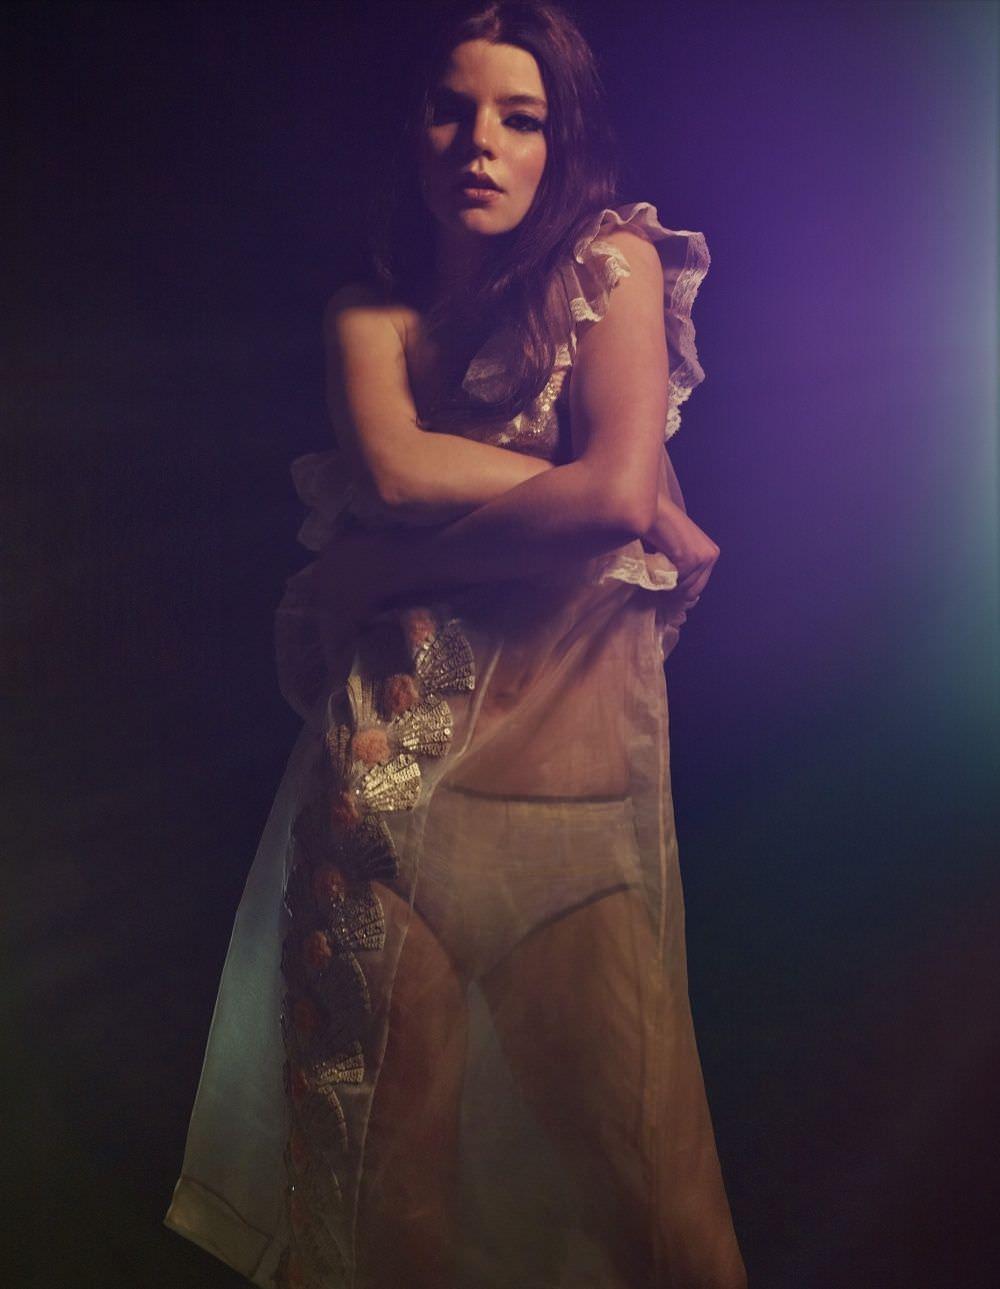 Аня Тейлор-Джой на профессиональной фотосессии